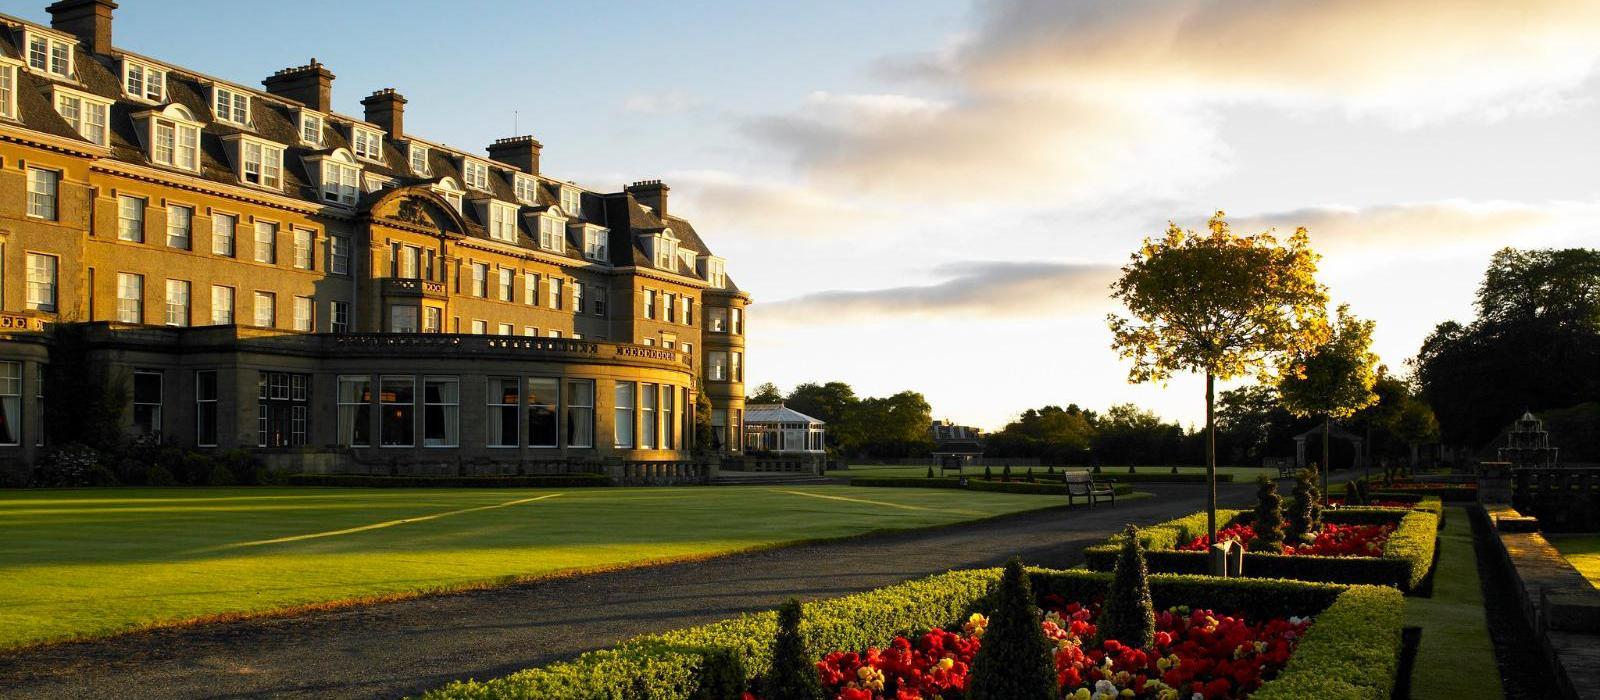 格伦伊格尔斯度假酒店(The Gleneagles Hotel) 酒店外观图片  www.lhw.cn